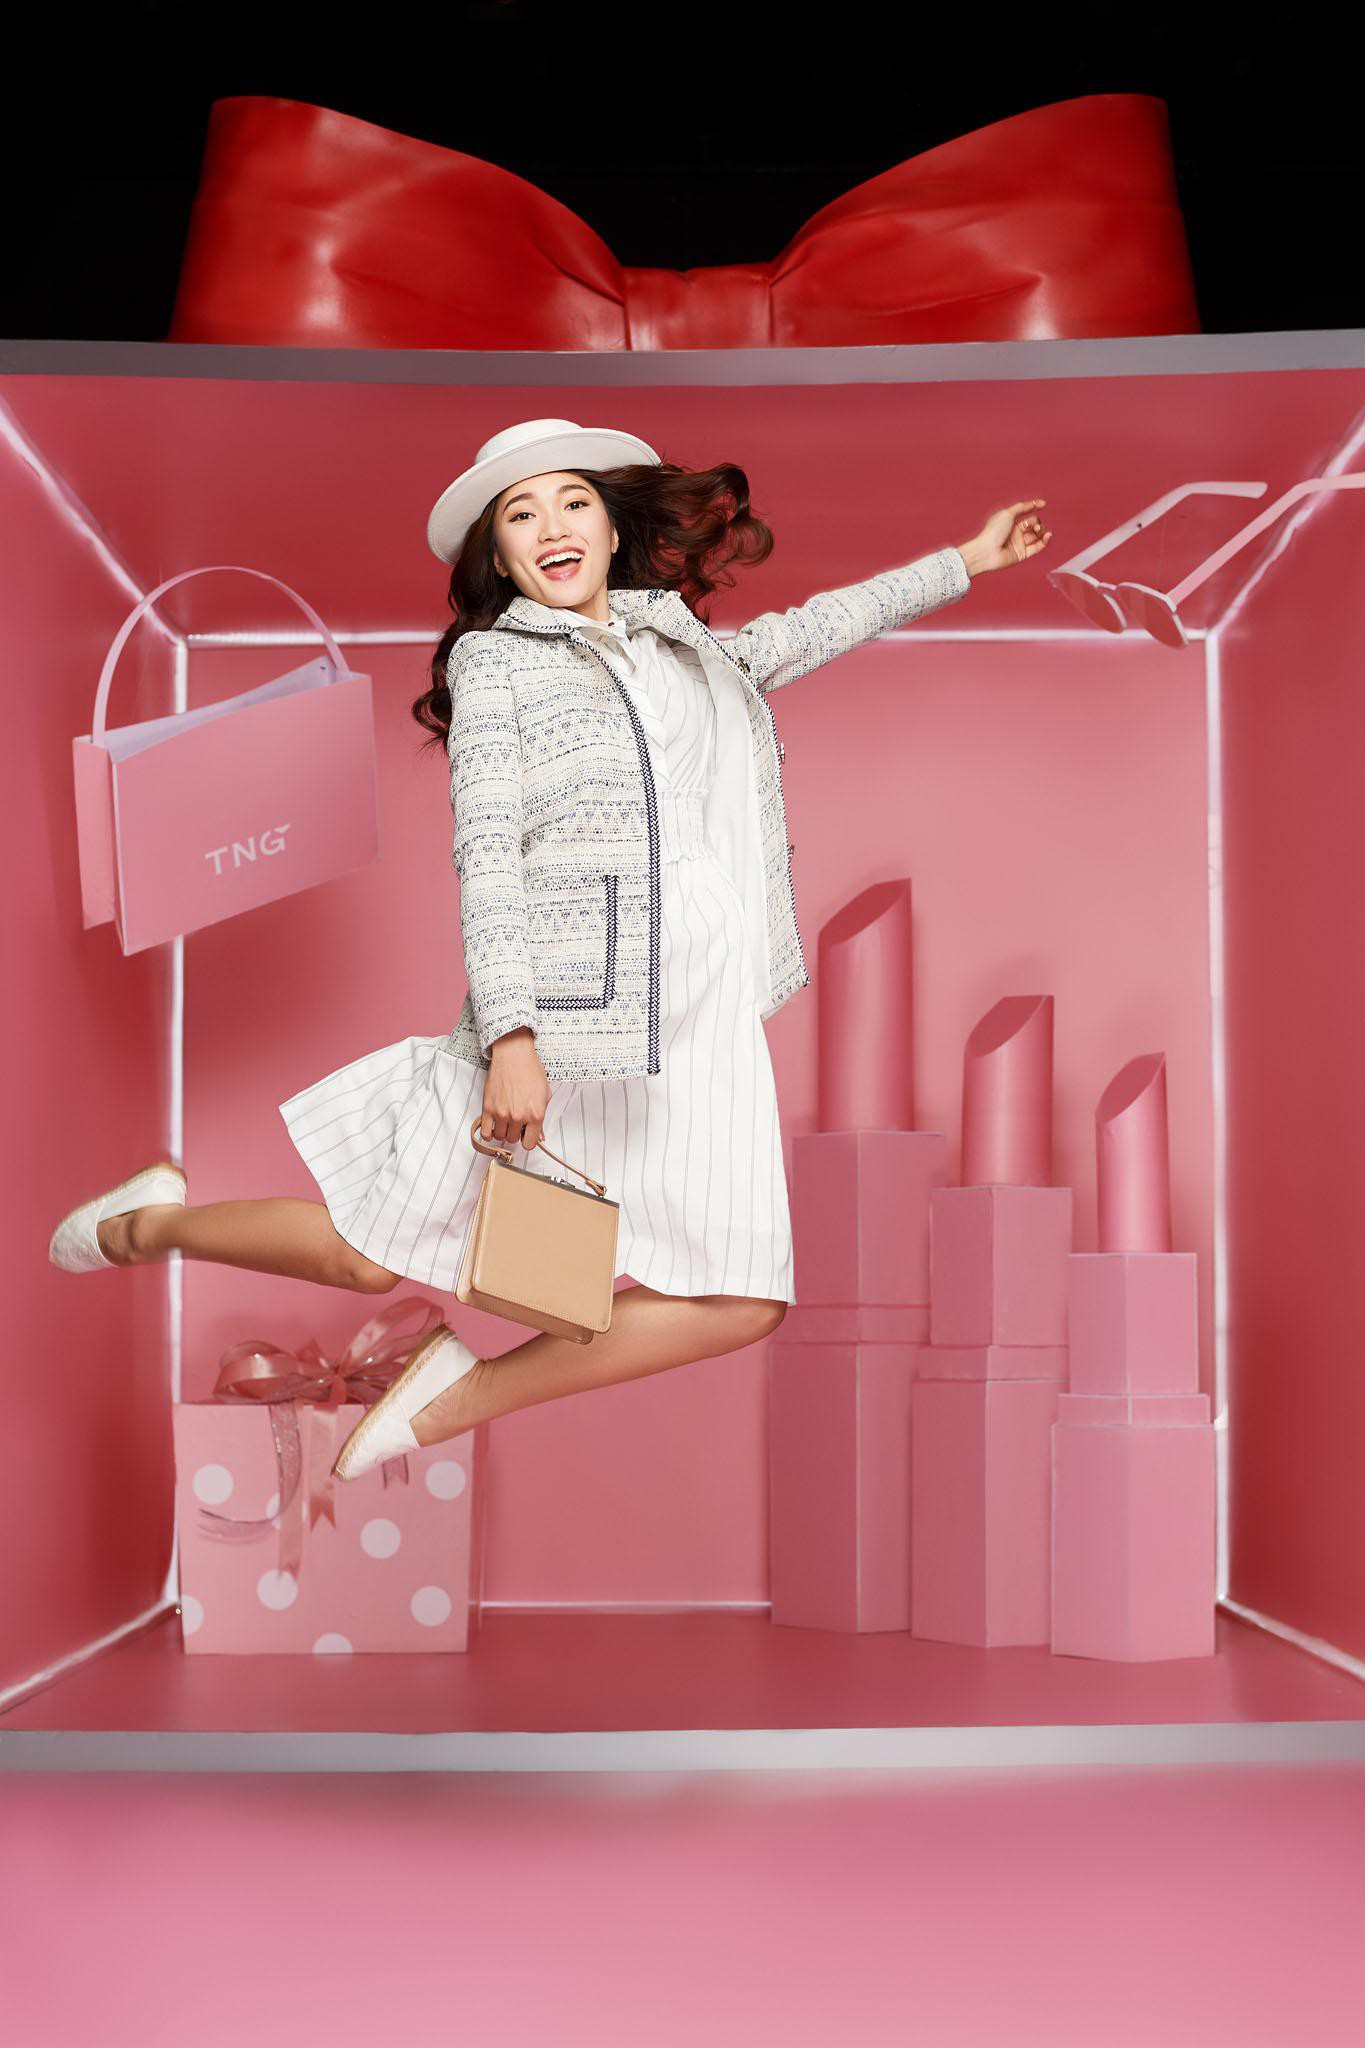 Làn gió mới cho thời trang công sở với những chuyển động cá tính - Ảnh 7.